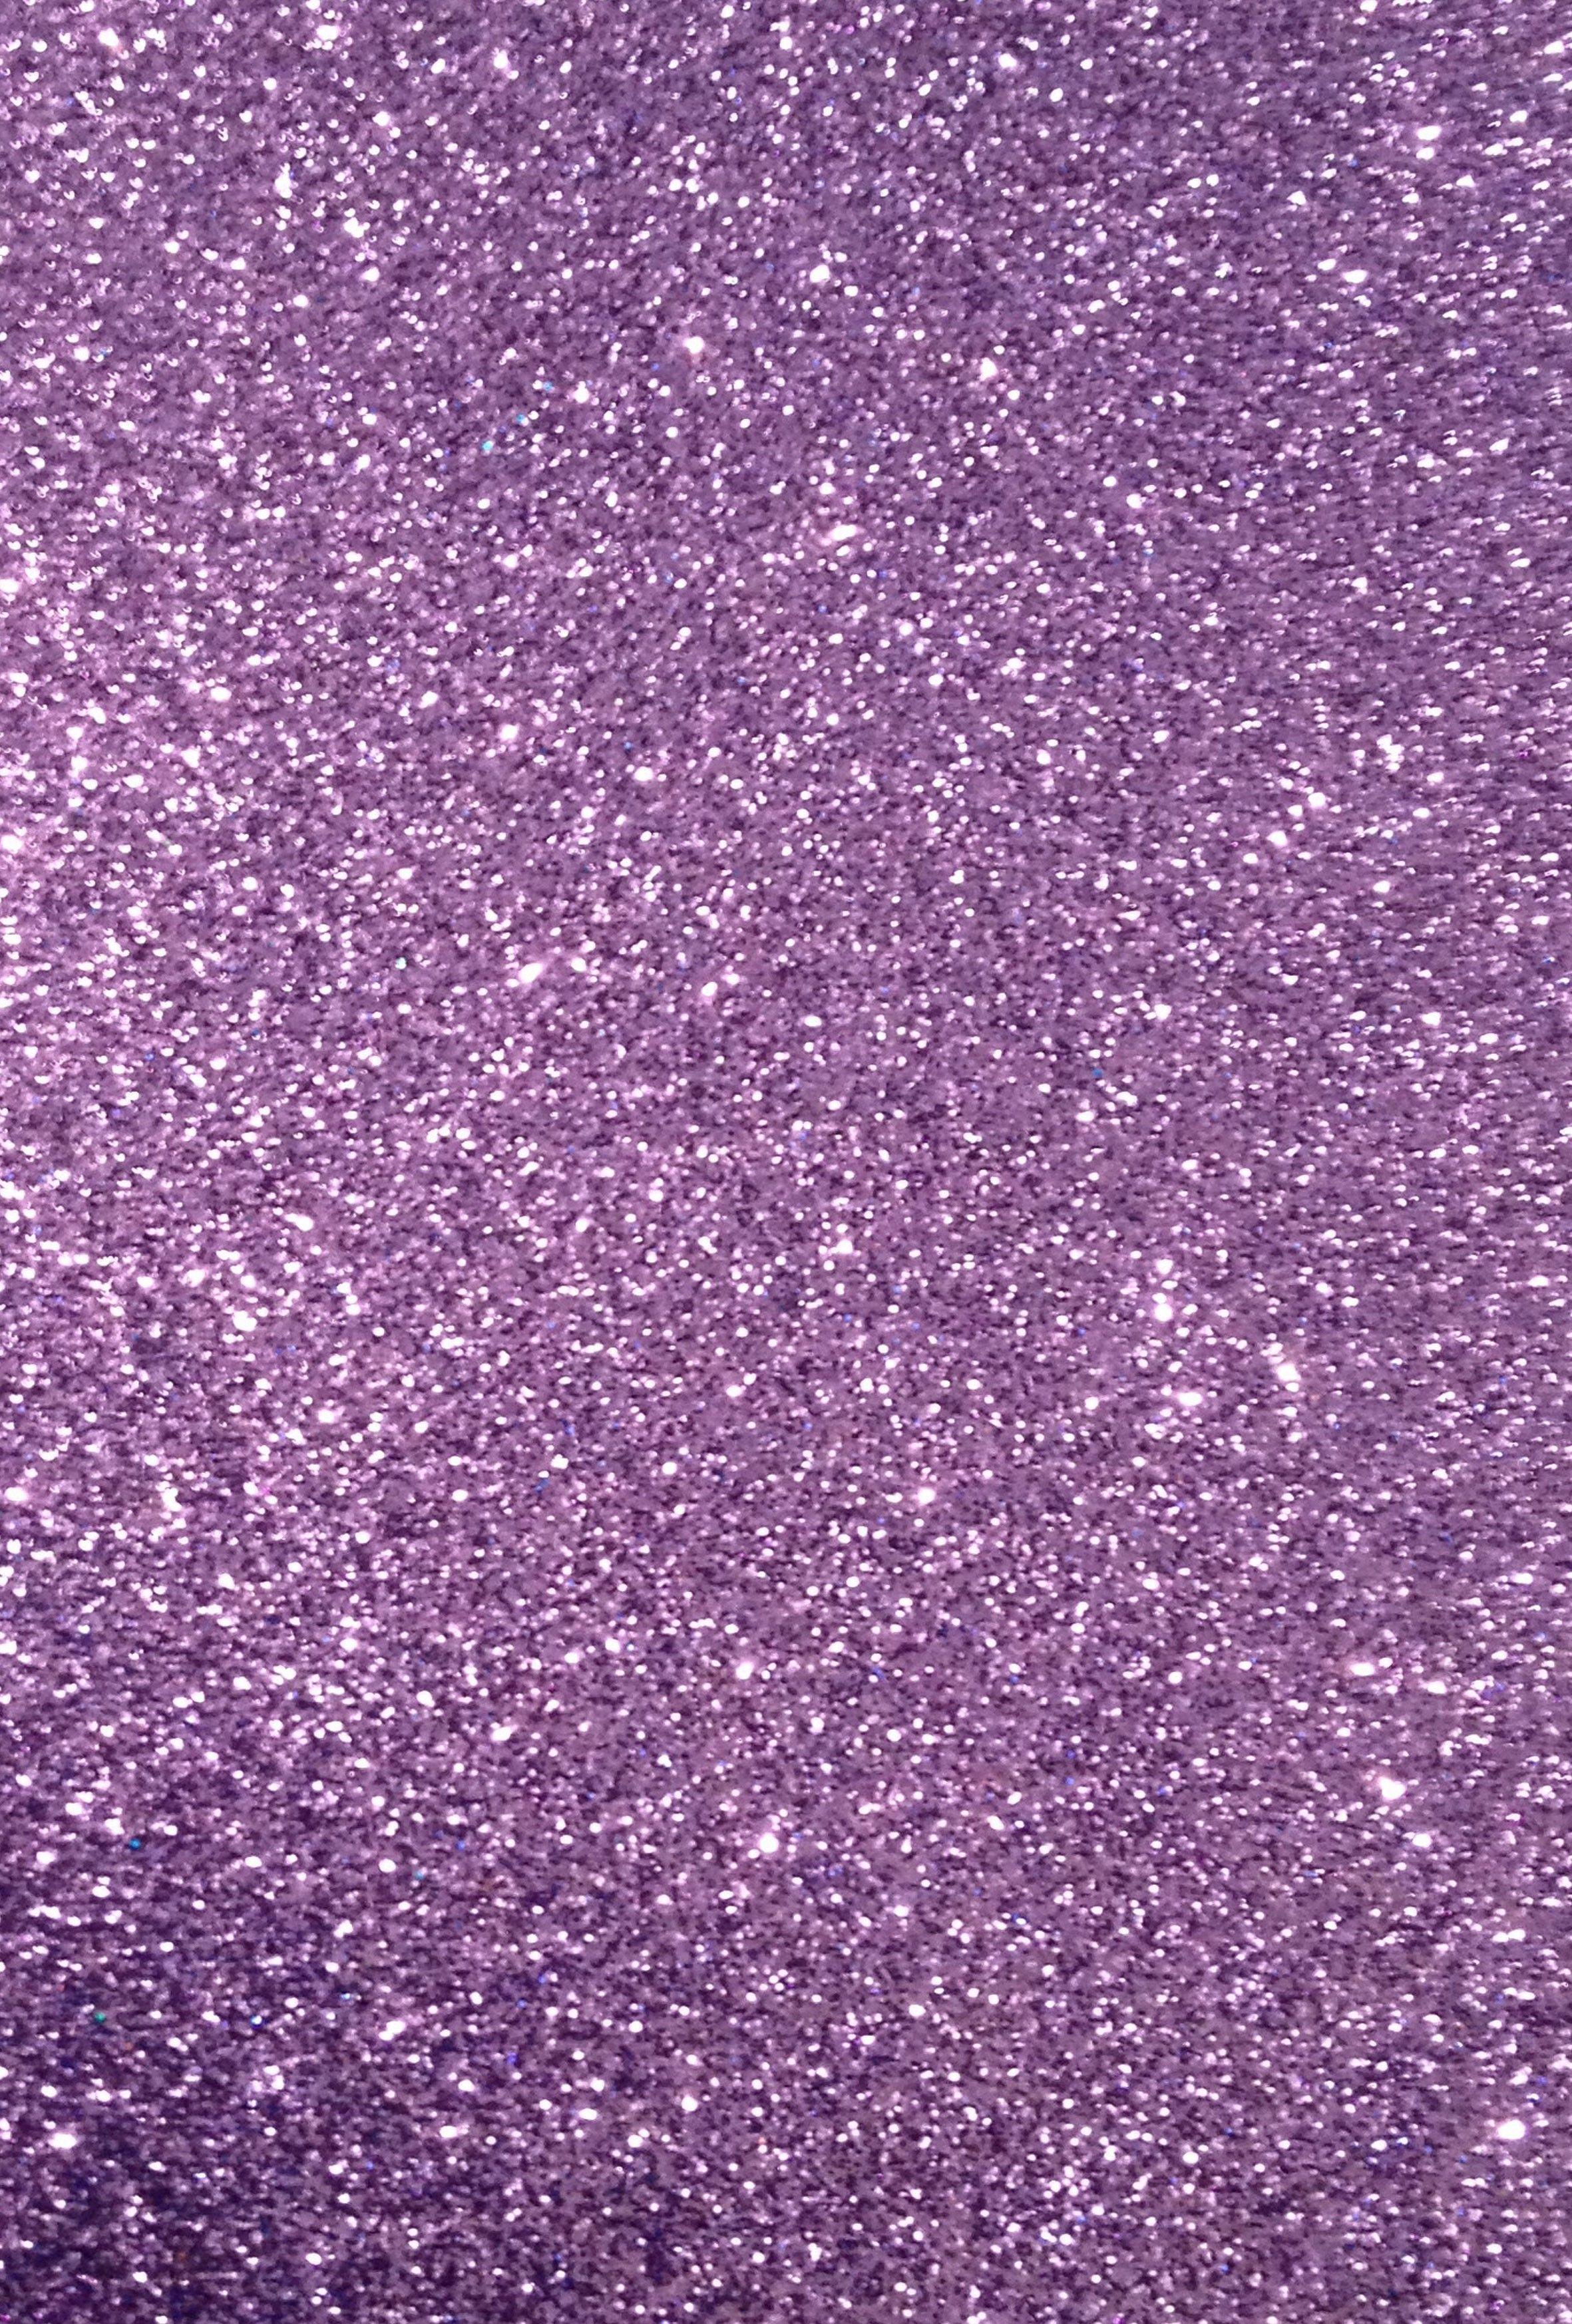 Glitter wallpaper dream home pinterest glitter for Wallpaper glitter home